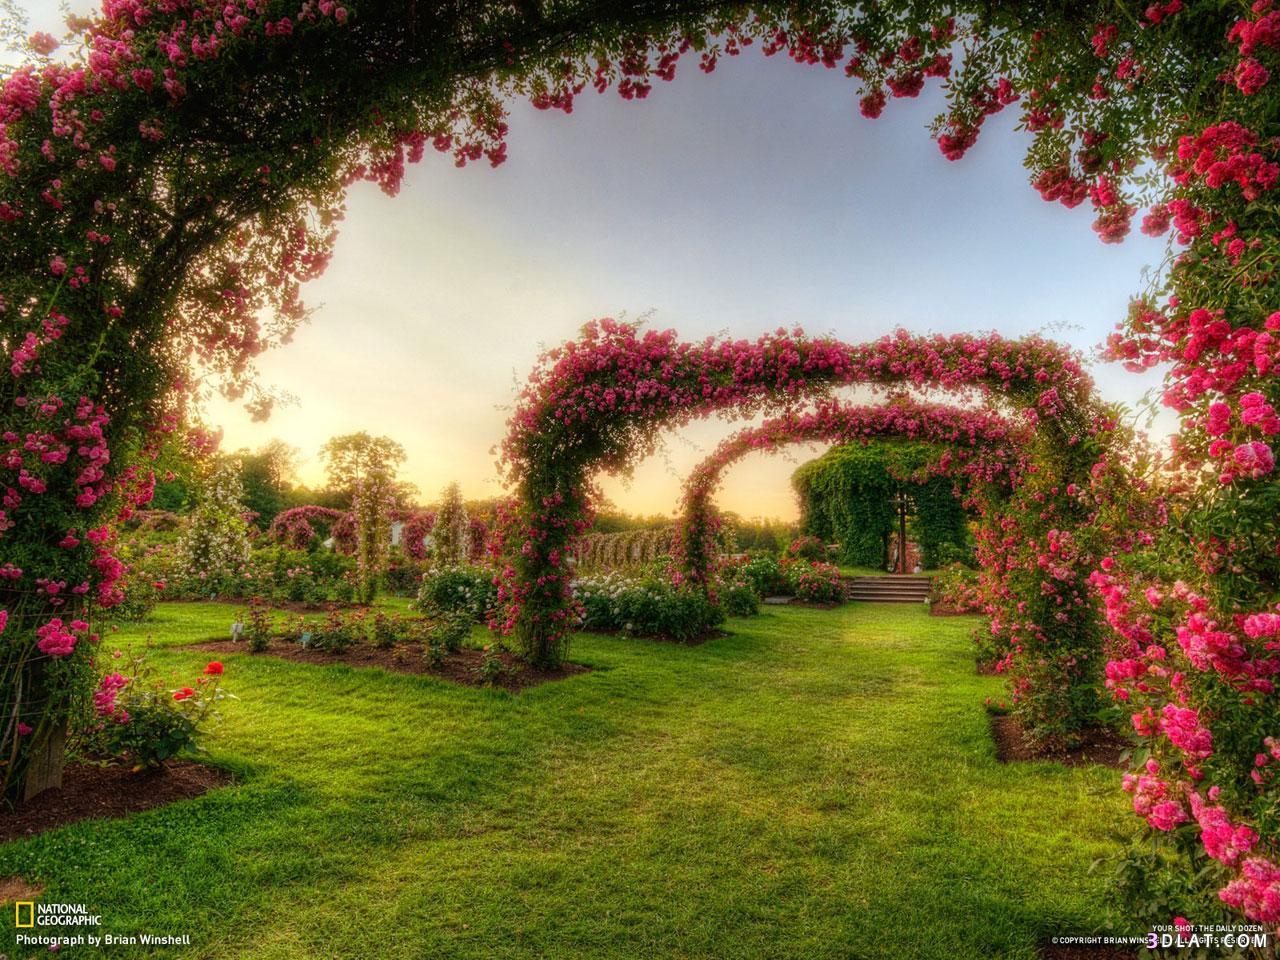 بالصور صور خلفيات جميله , اجمل الخلفيات الرائعه 3266 2